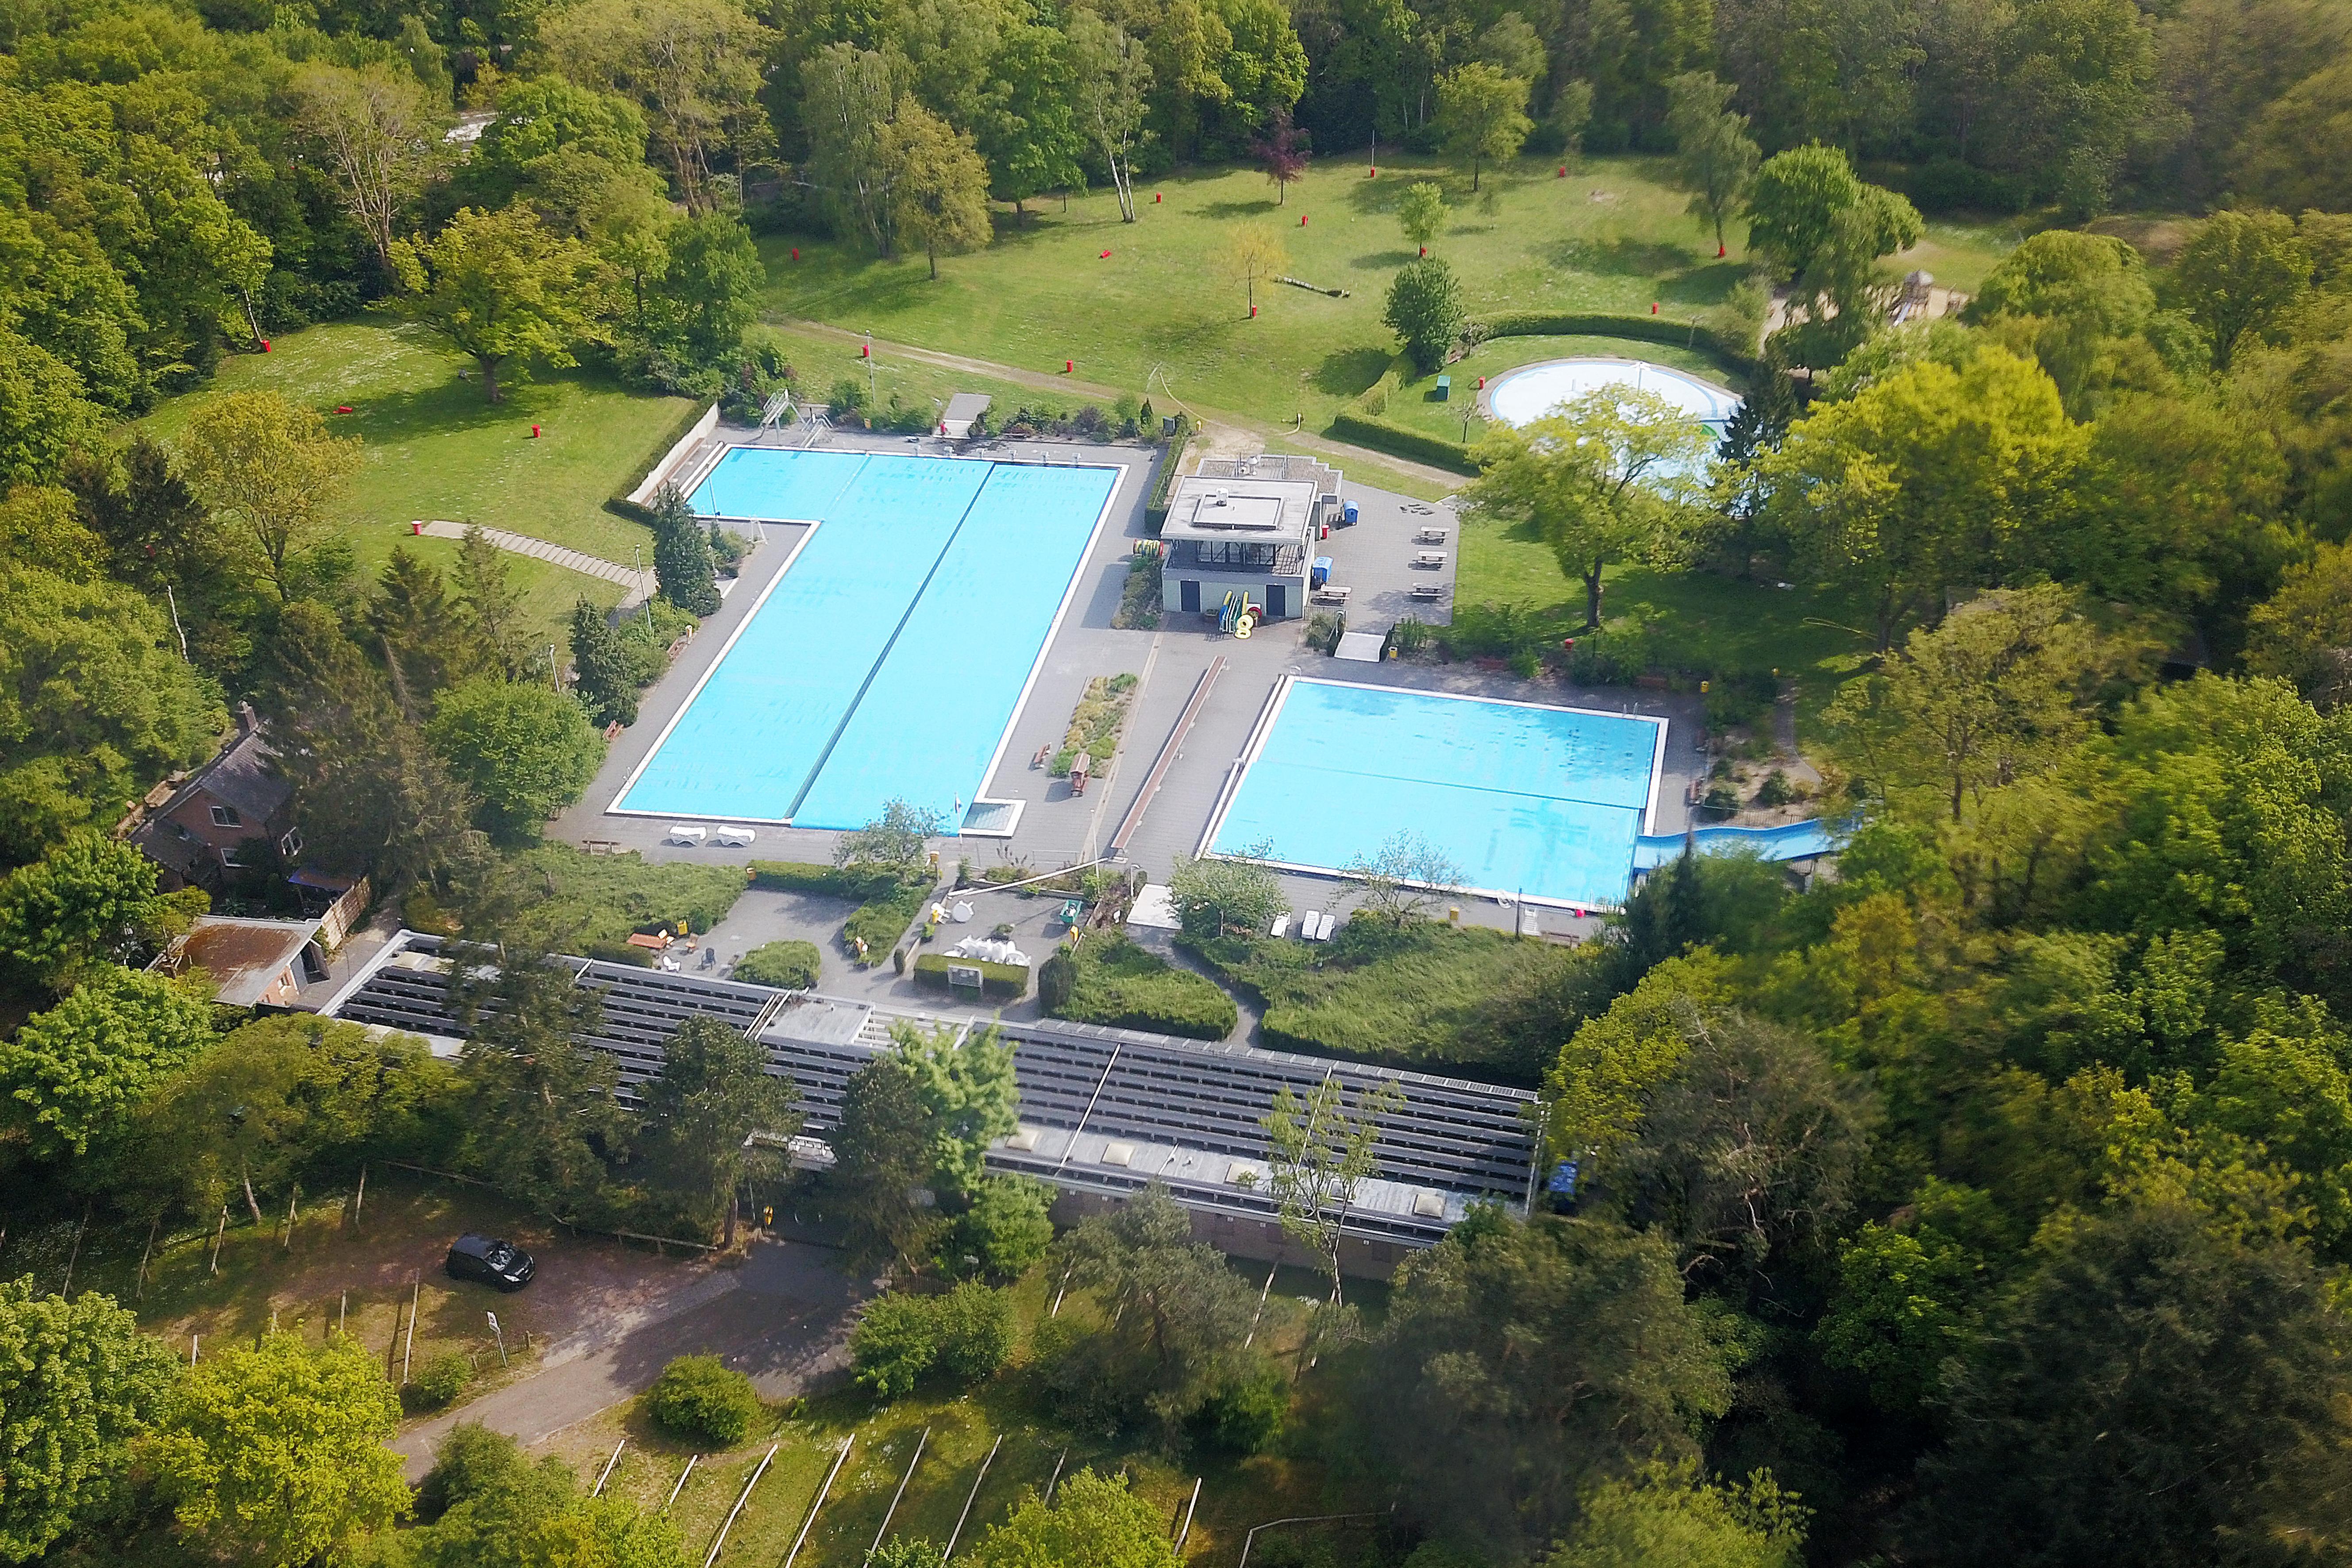 GroenLinks Huizen wil van college weten hoe zwembad Sijsjesberg alsnog open kan: 'Bewegen in deze coronatijd is heel belangrijk'